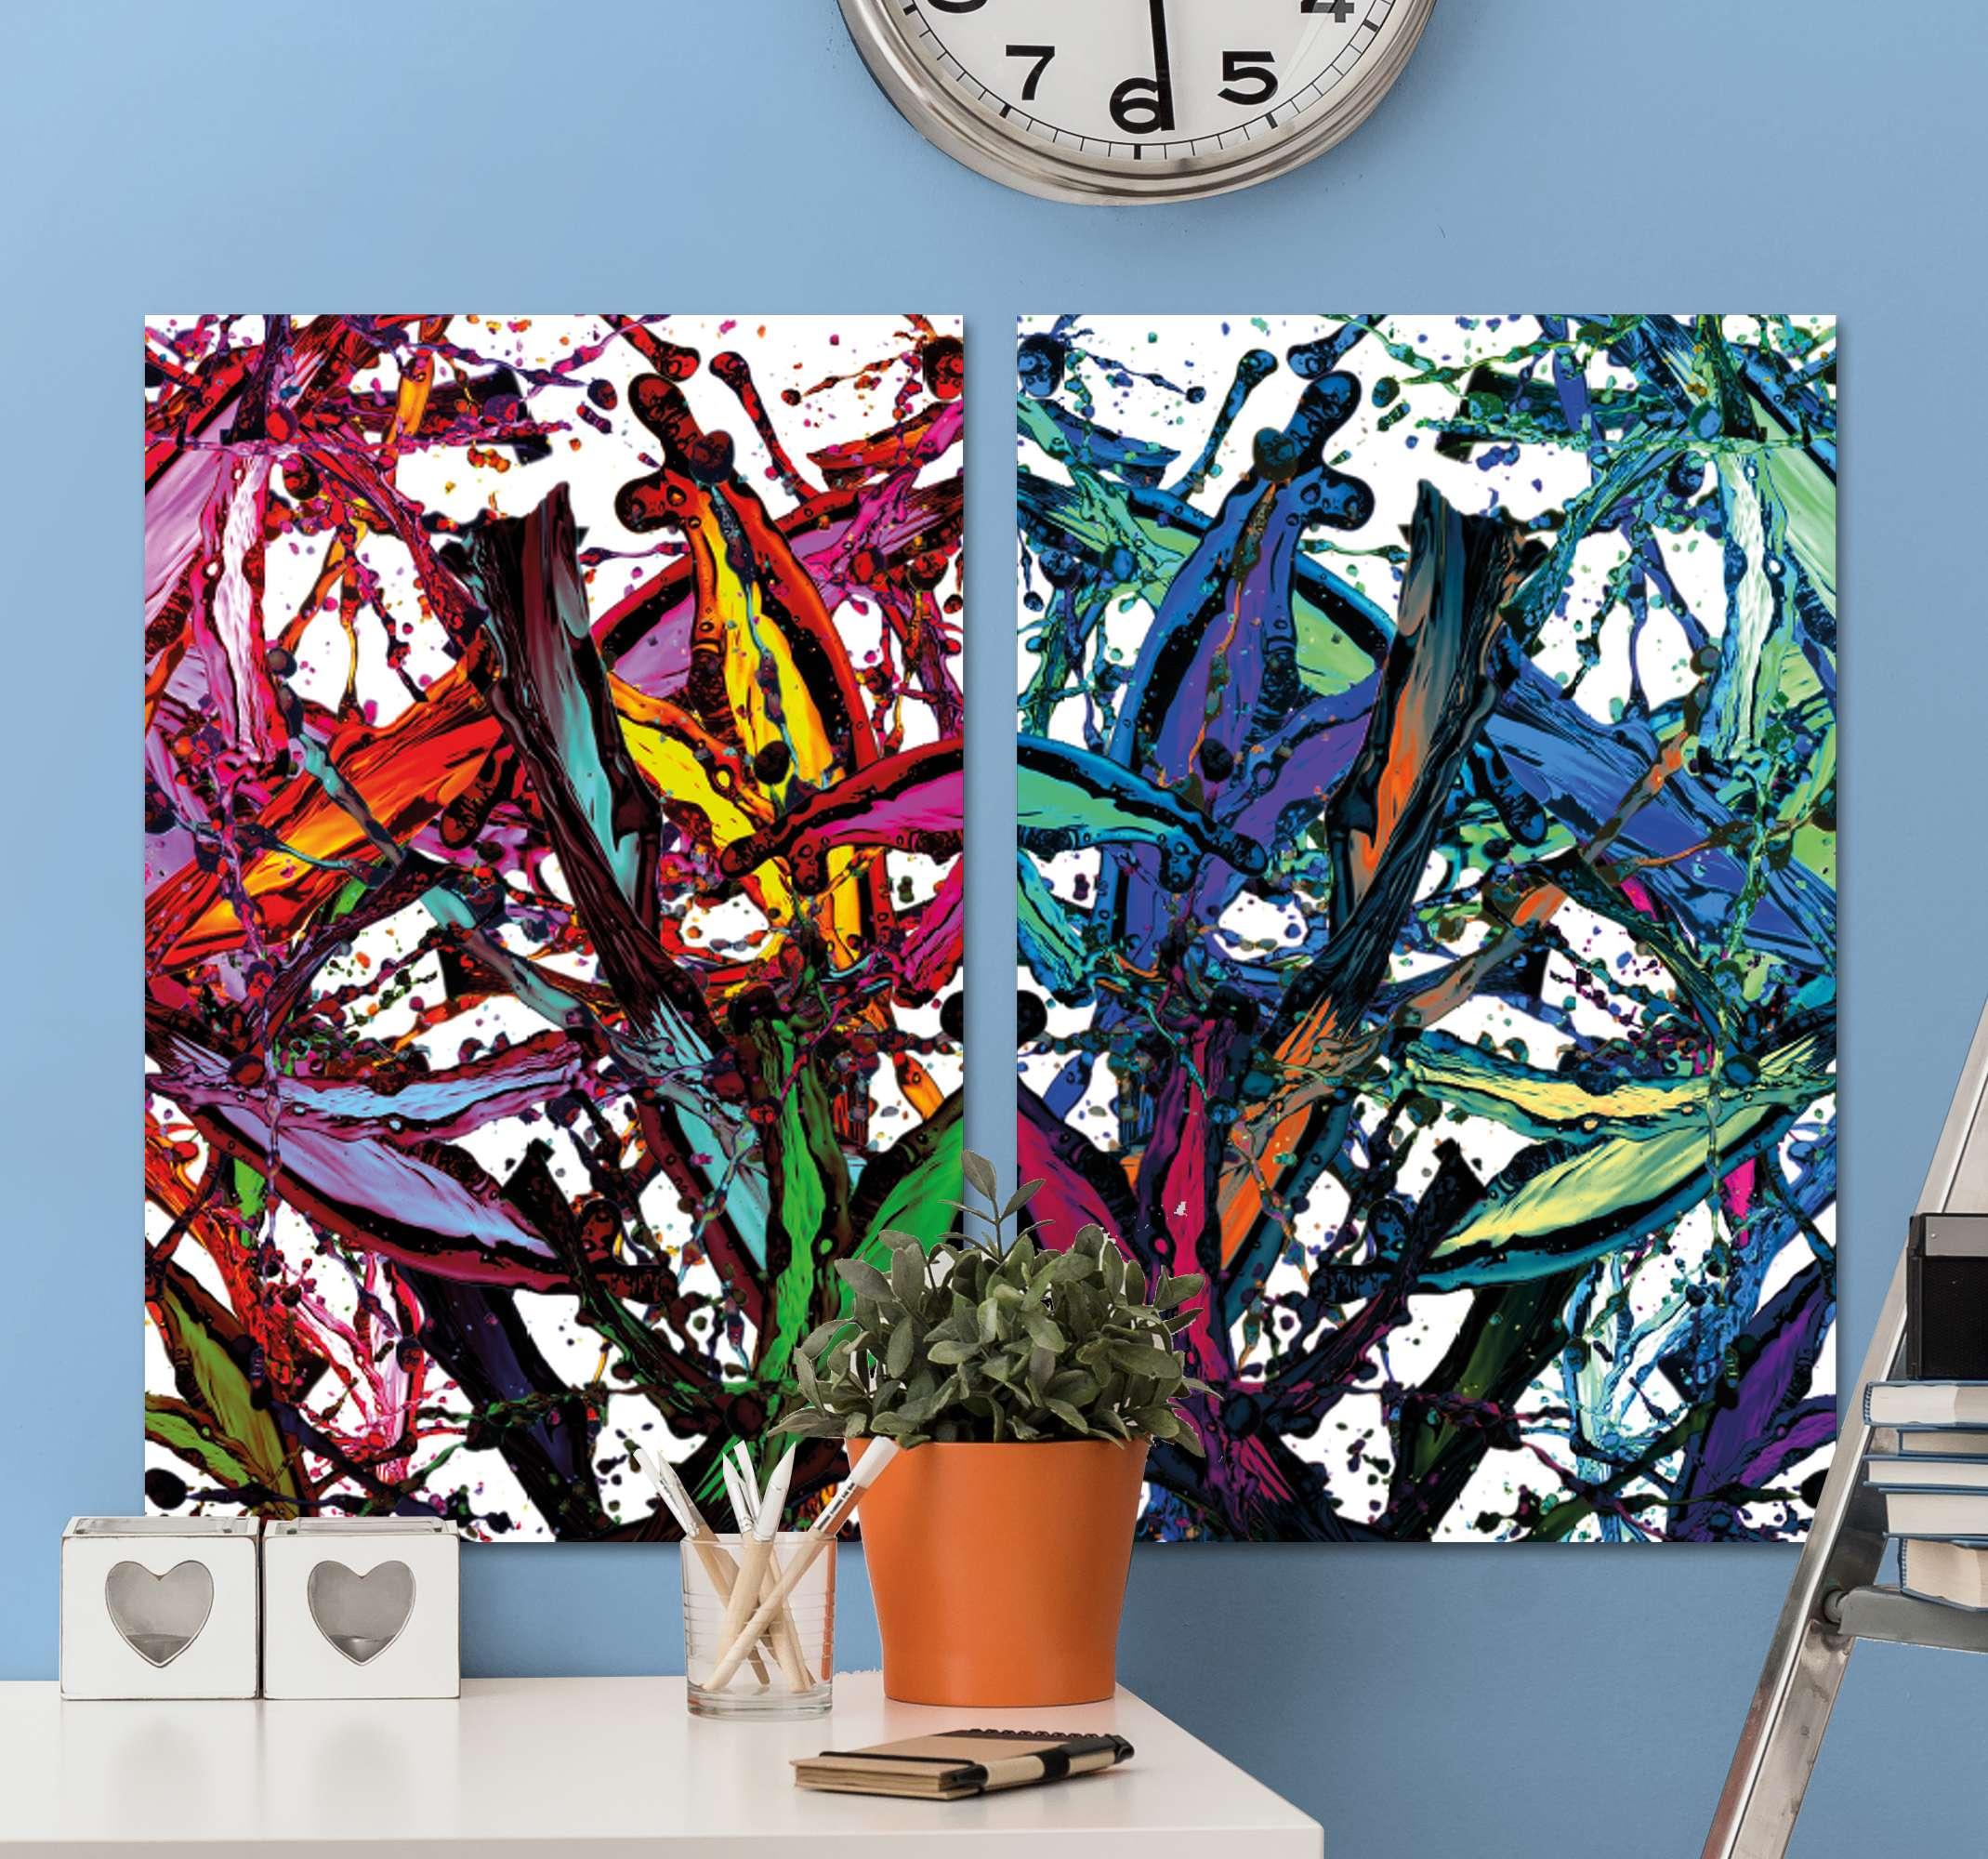 TenStickers. холст стены прихожей manchas de pintura. красочные современные абстрактные картины на стенах из канвы, которые прекрасно украсят ваш дом. Если вы ищете интересный аксессуар, он создан для вас.